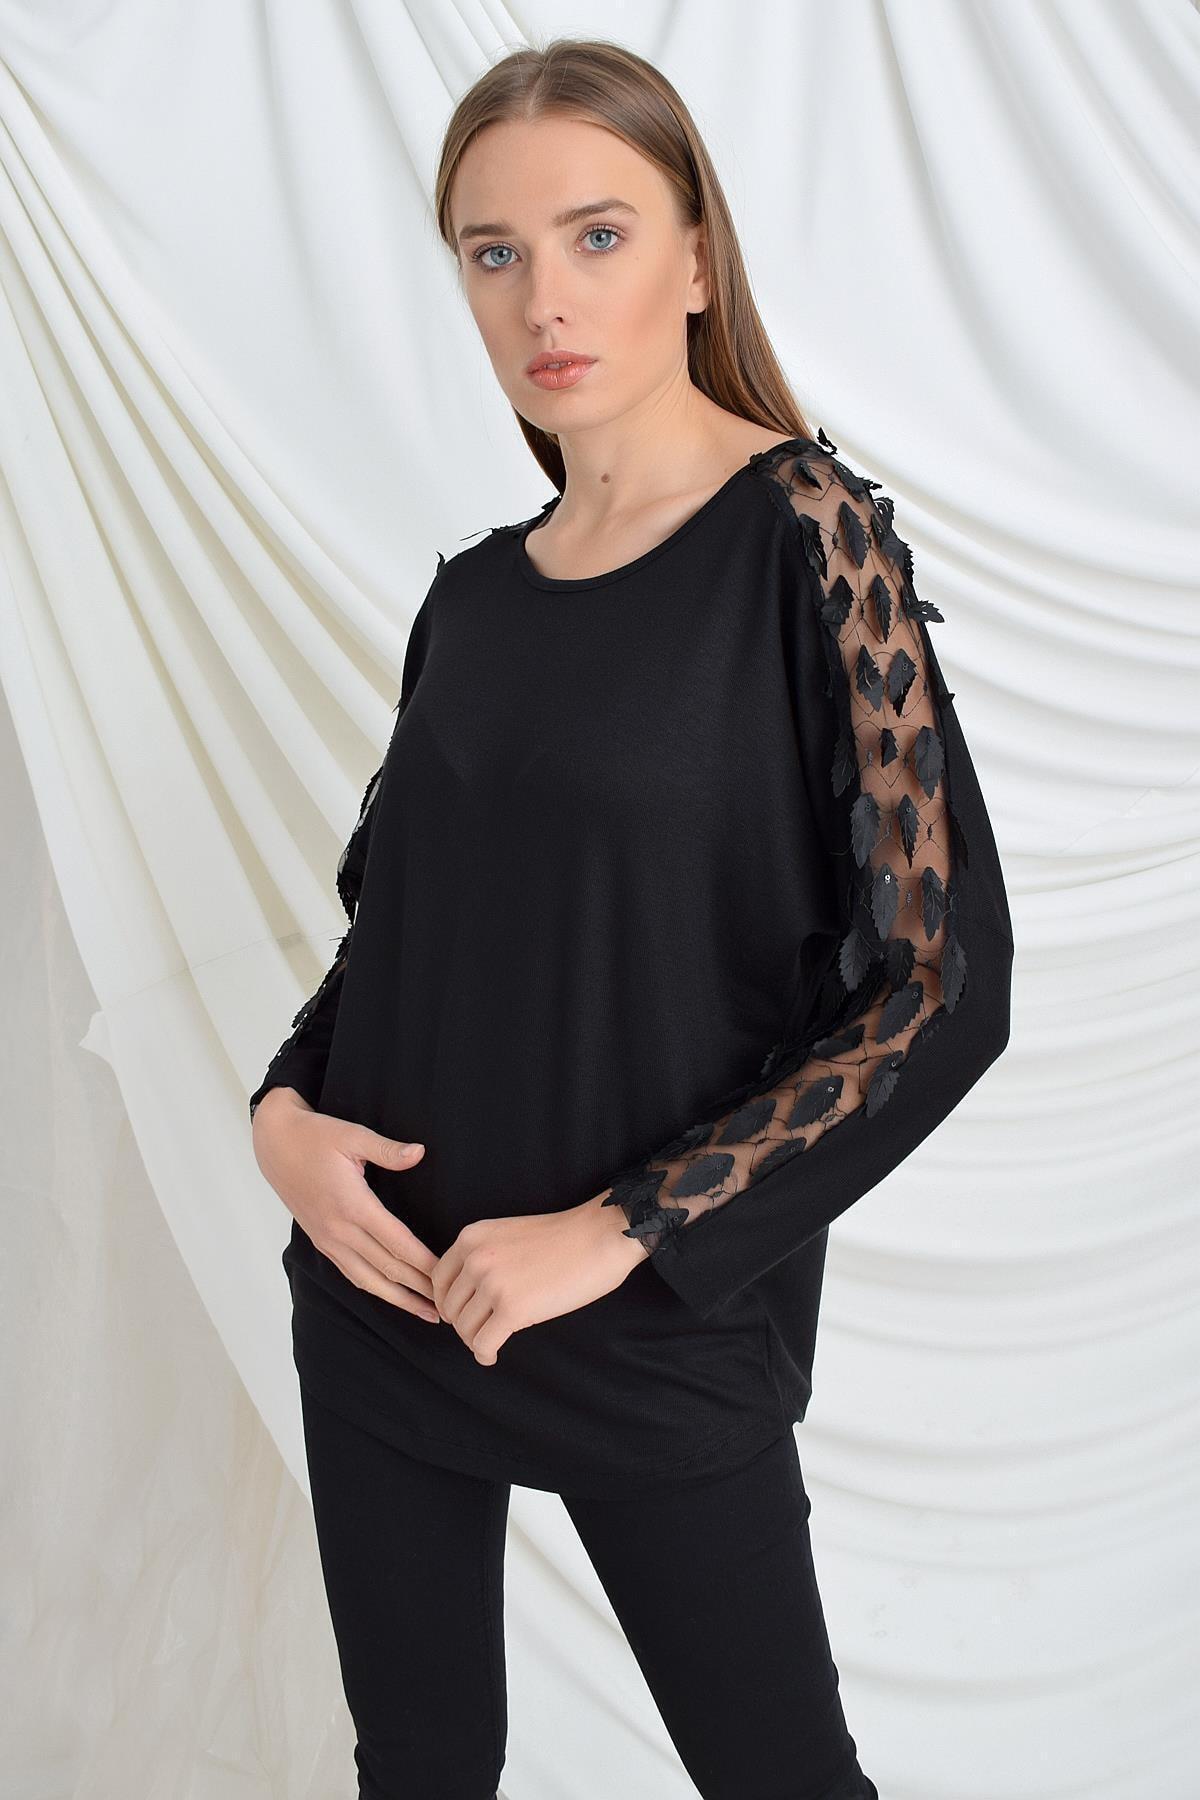 TENA MODA Kadın Siyah Kolu Yapraklı Çilek Bluz 1